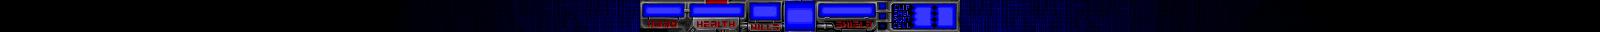 STBAR-XX.png.4c0196e9456fd1a8a9cb4274fd533d48.png